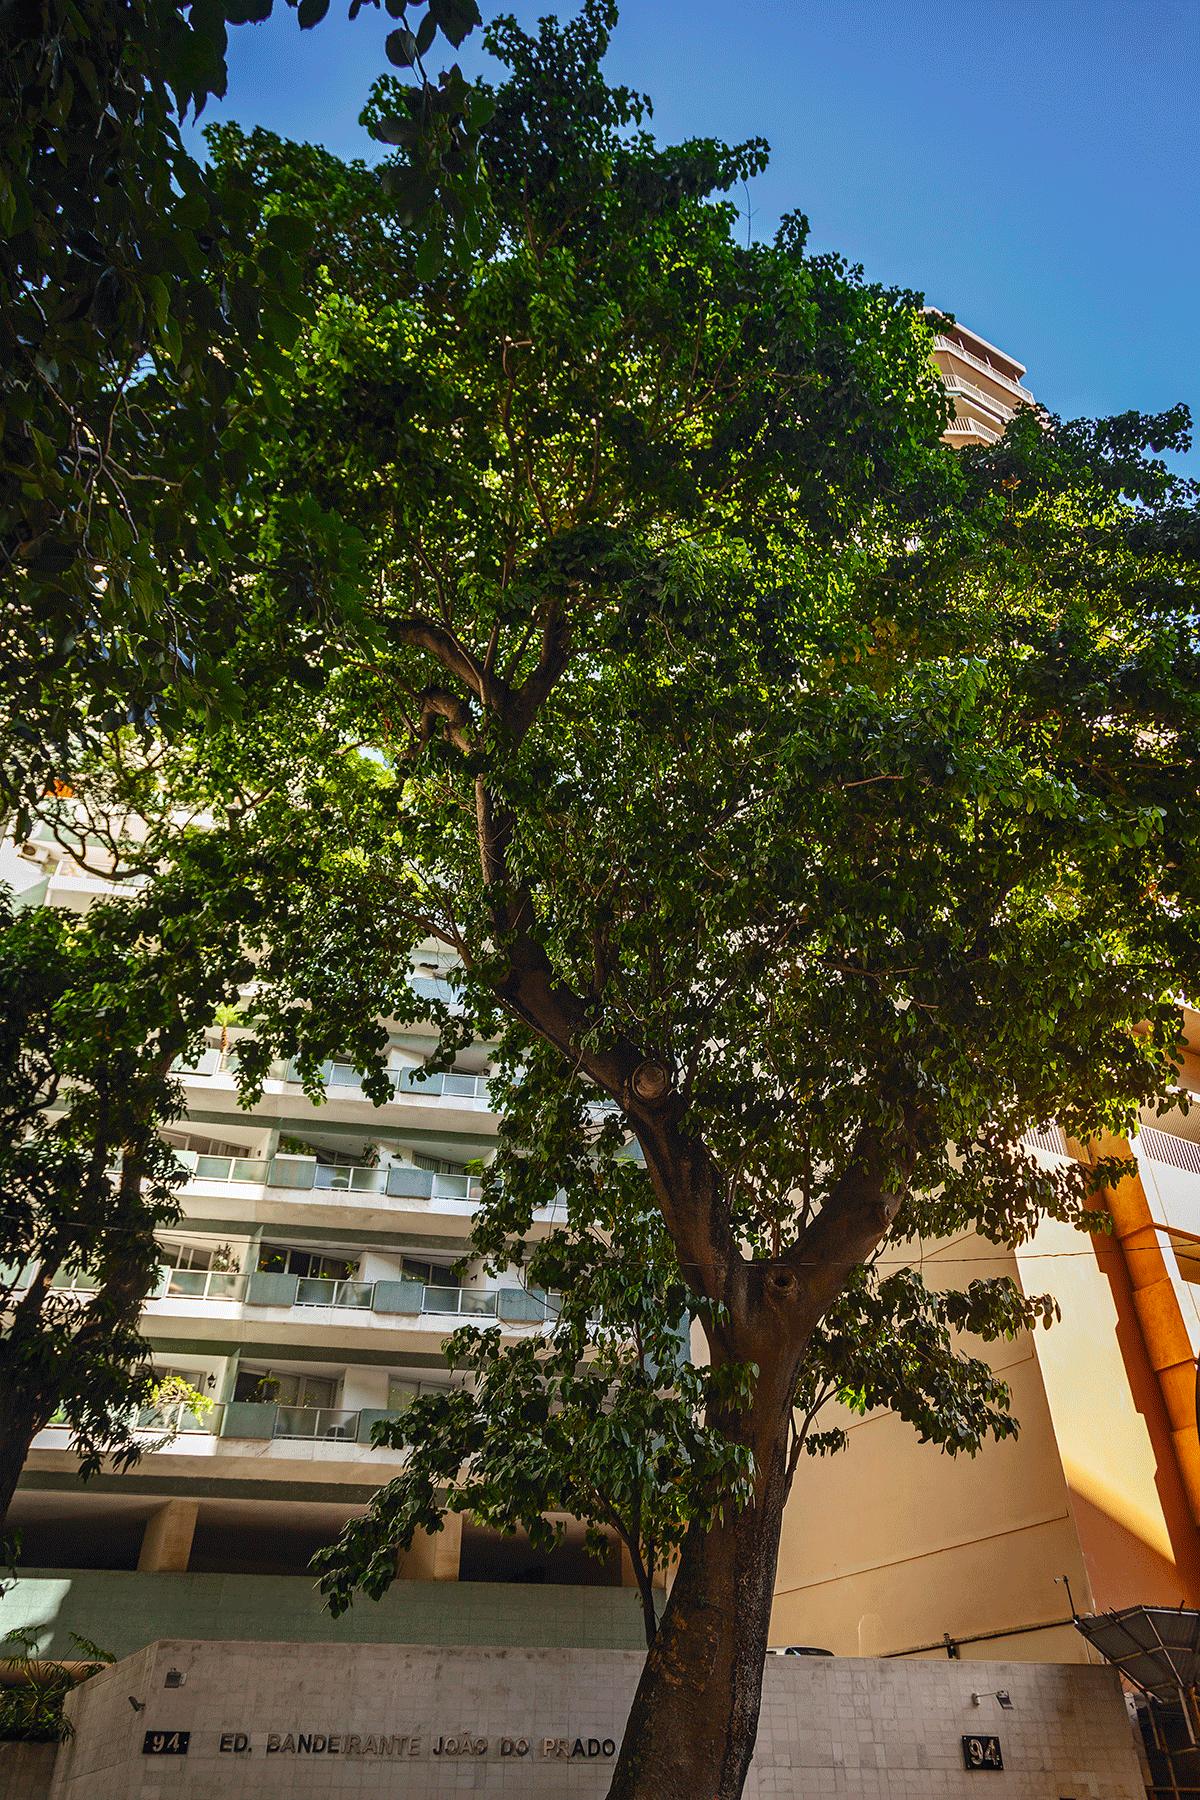 Passados seis anos da poda, a árvore está novamente frondosa. Sempre que uma tempestade assola o Rio, algum morador publica uma foto nova do assacu no Facebook